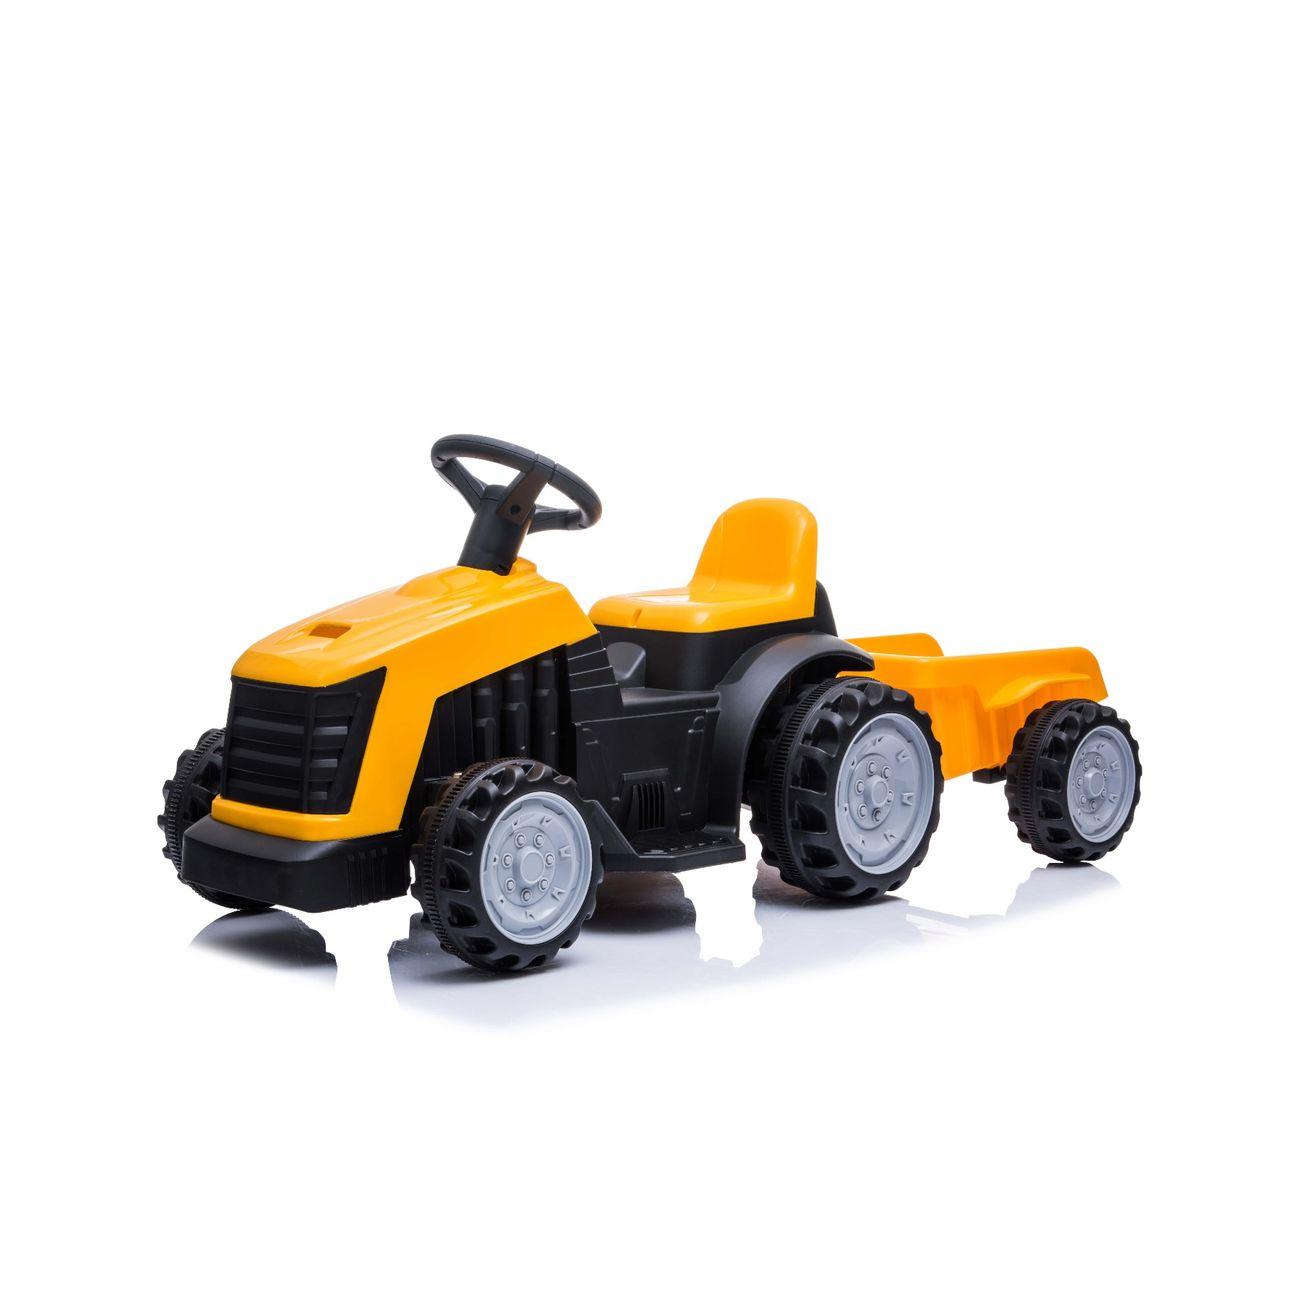 Play4Fun Tracteur électrique avec remorque 22W pour Enfant 3km/h - Jaune